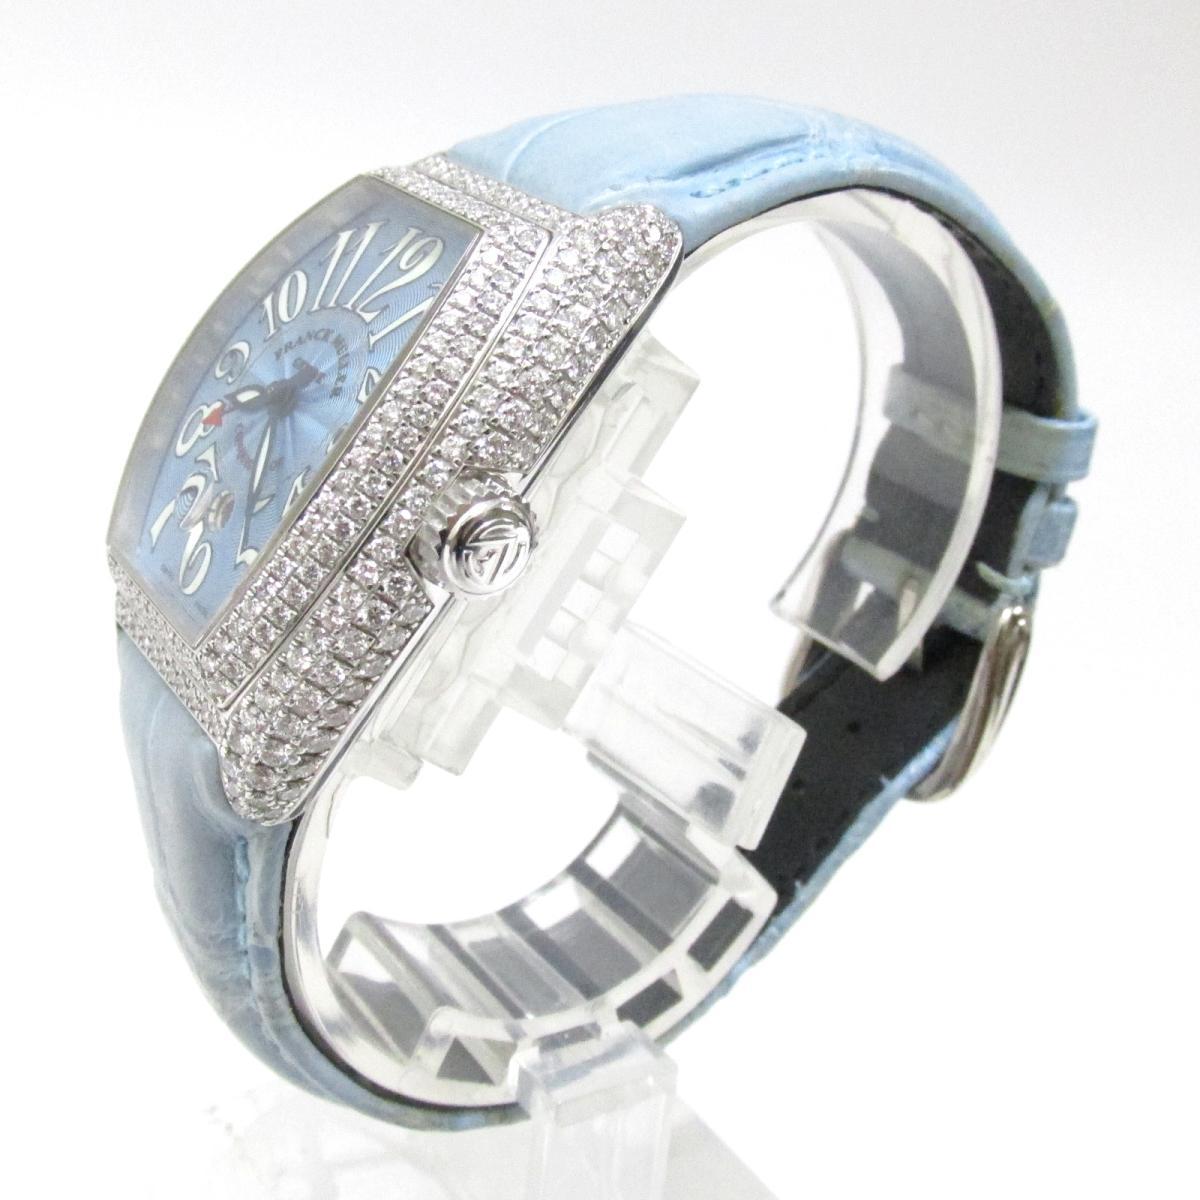 FRANCK MULLER 時計 8002LSCD コンキスタドール ダイヤモンド ベゼル 時計/レディース